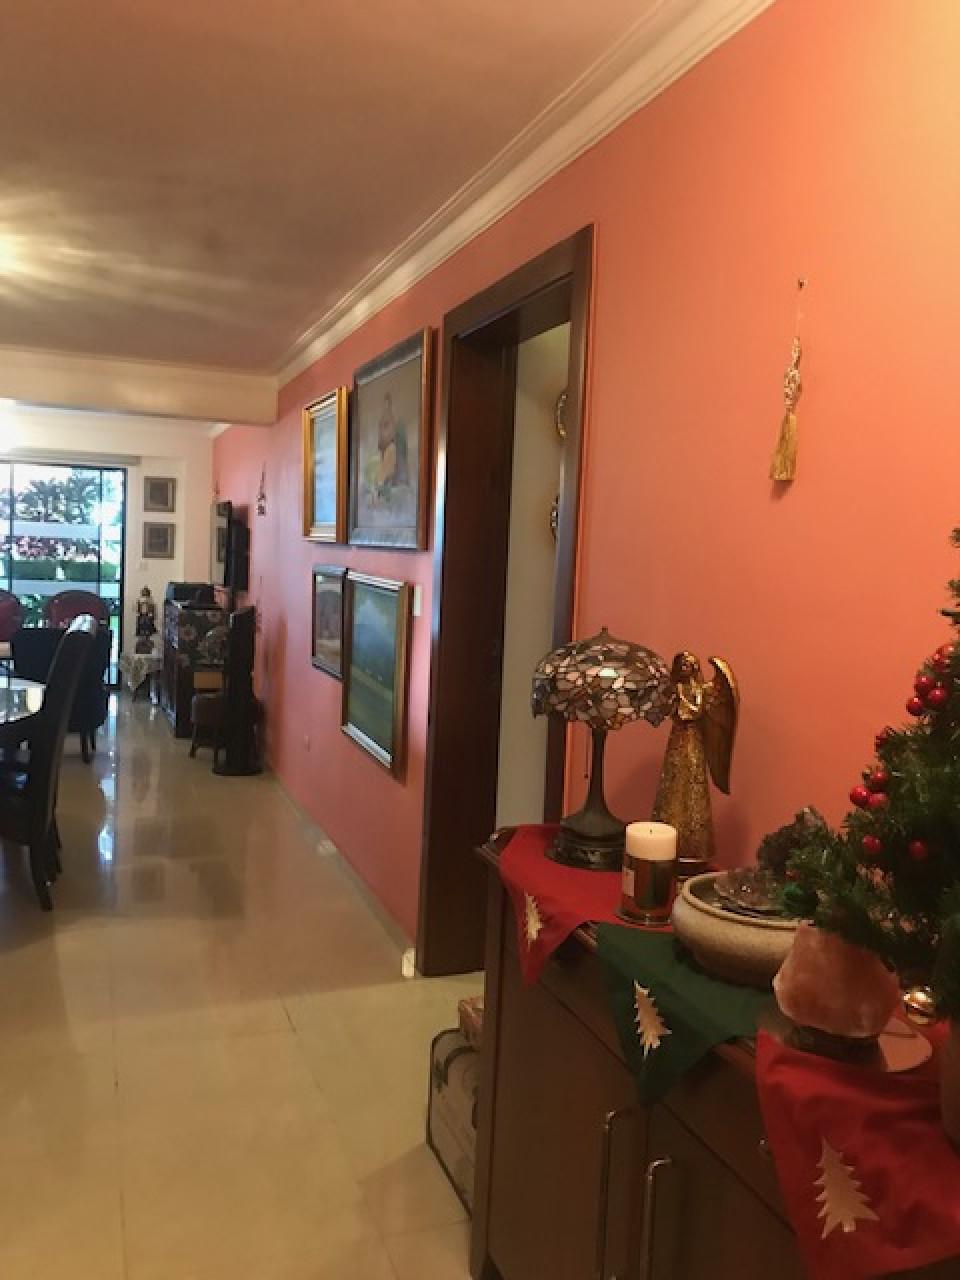 Apartamento en venta en el sector GASCUE precio RD$ 7,500,000.00 RD$7,500,000